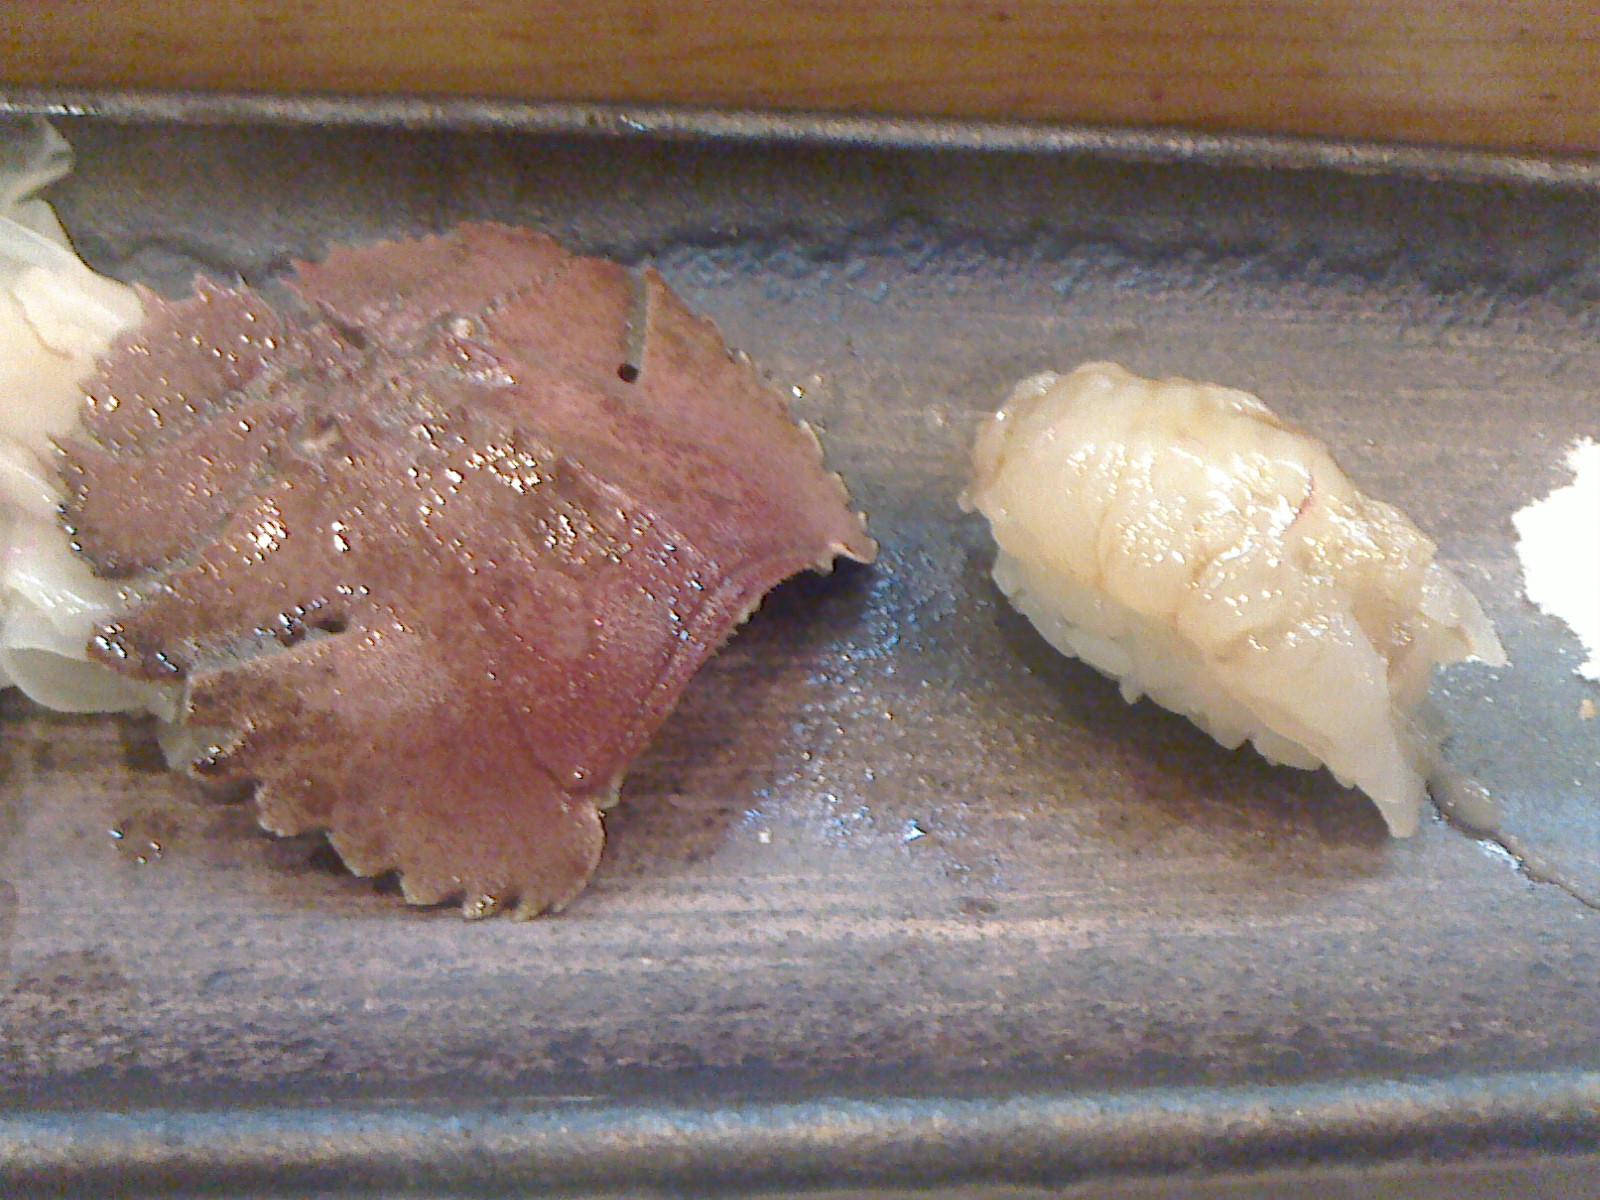 千葉でとても美味しいお寿司をお腹いっぱいいただきました。_c0225997_11401662.jpg